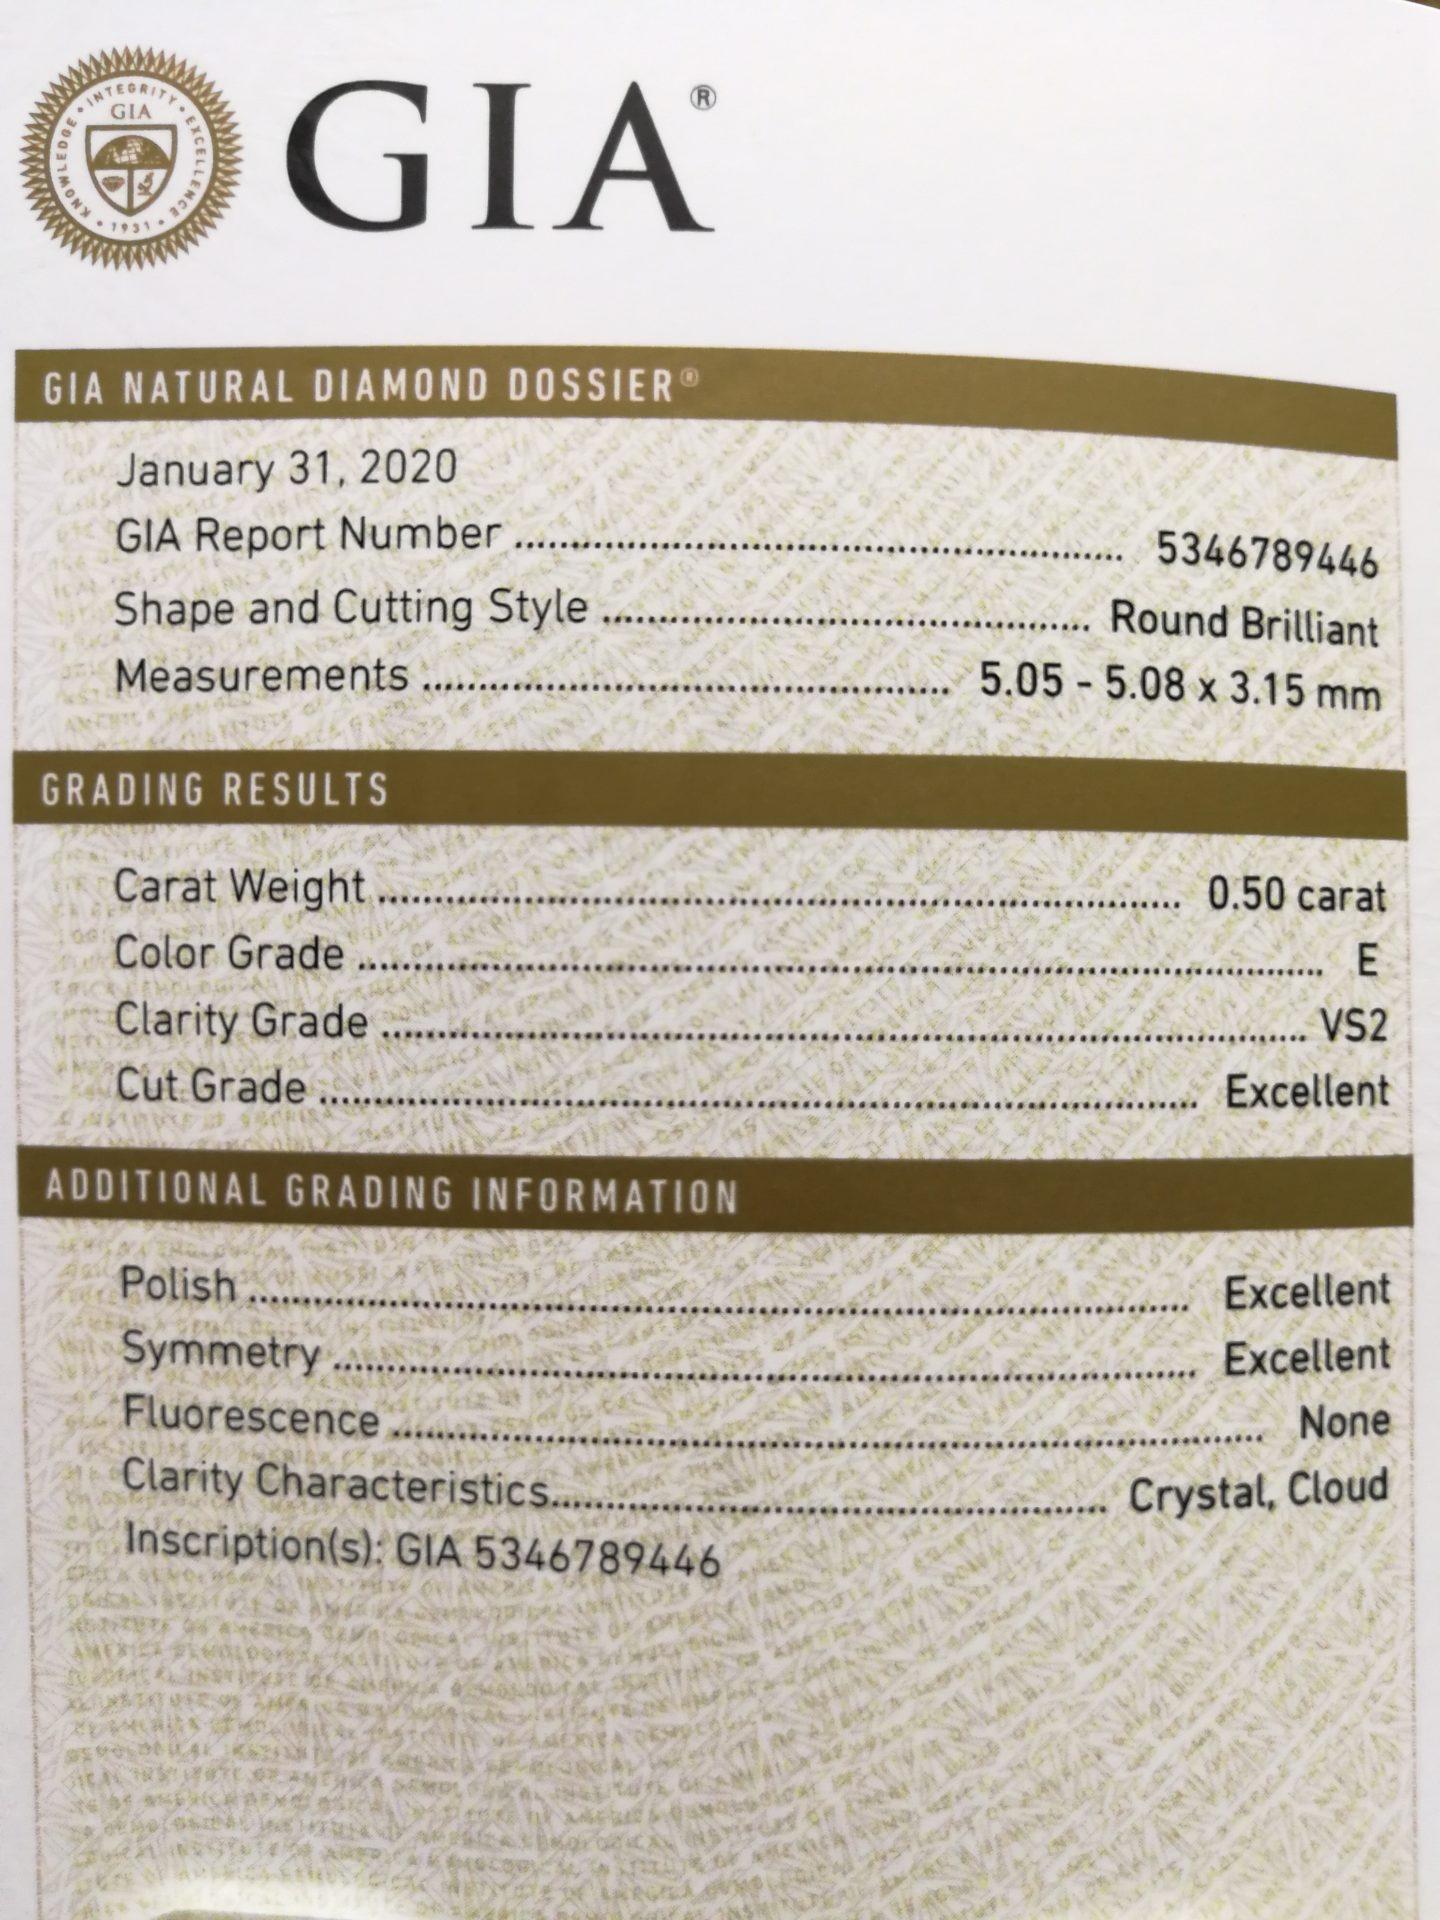 diamante EVS2 0,50 GIA Blasco Joyero